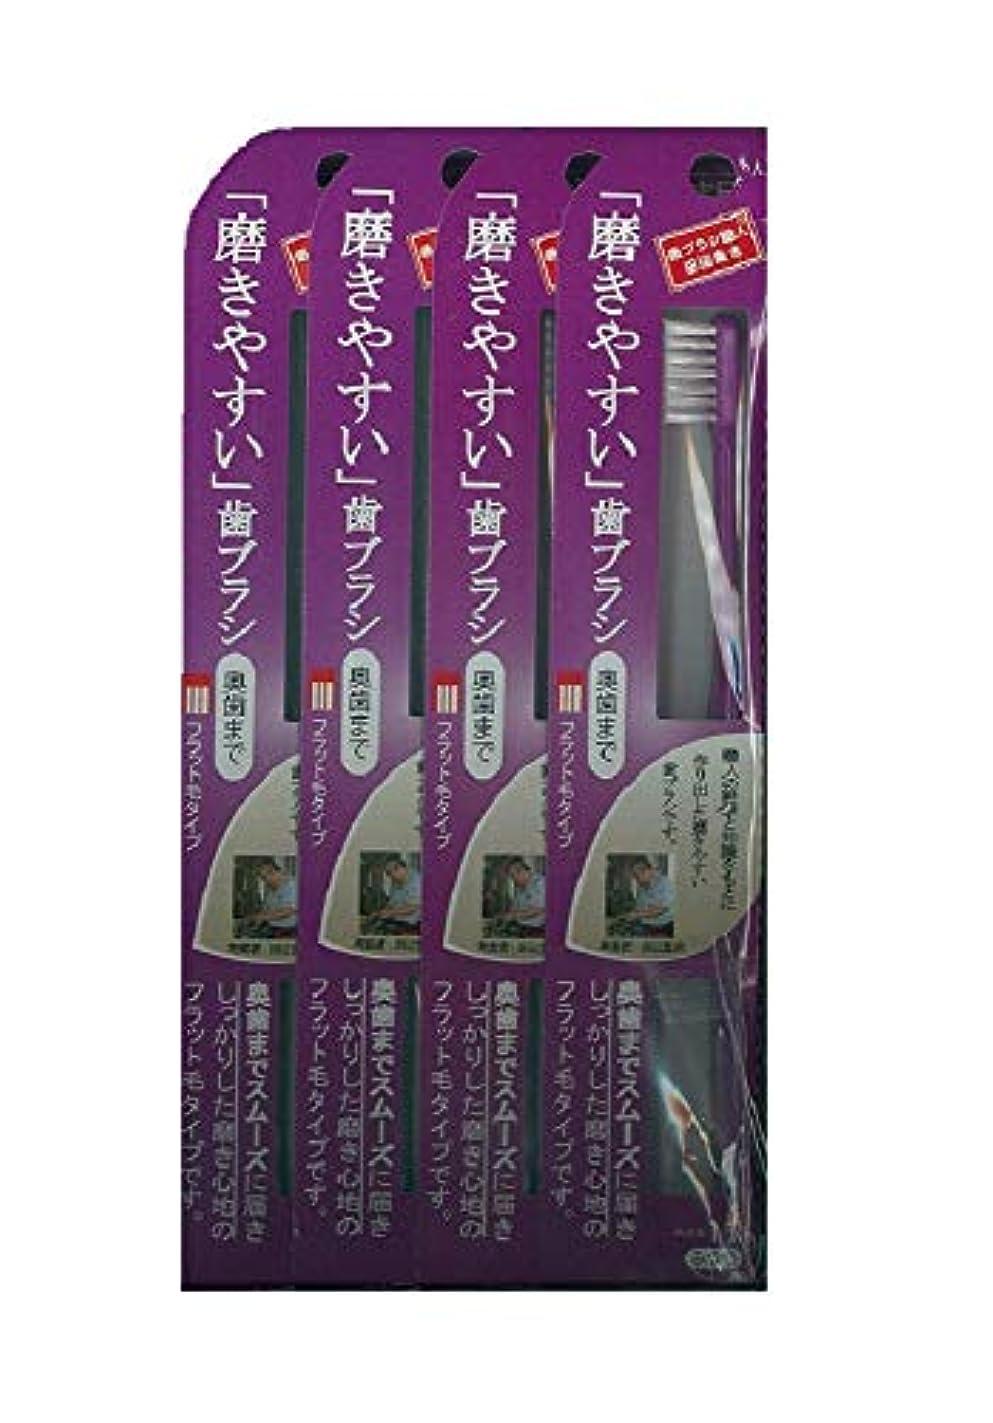 麺大いに最高歯ブラシ職人 田辺重吉 磨きやすい歯ブラシ 奥歯まで フラット毛タイプ LT-11(1本×4個セット)